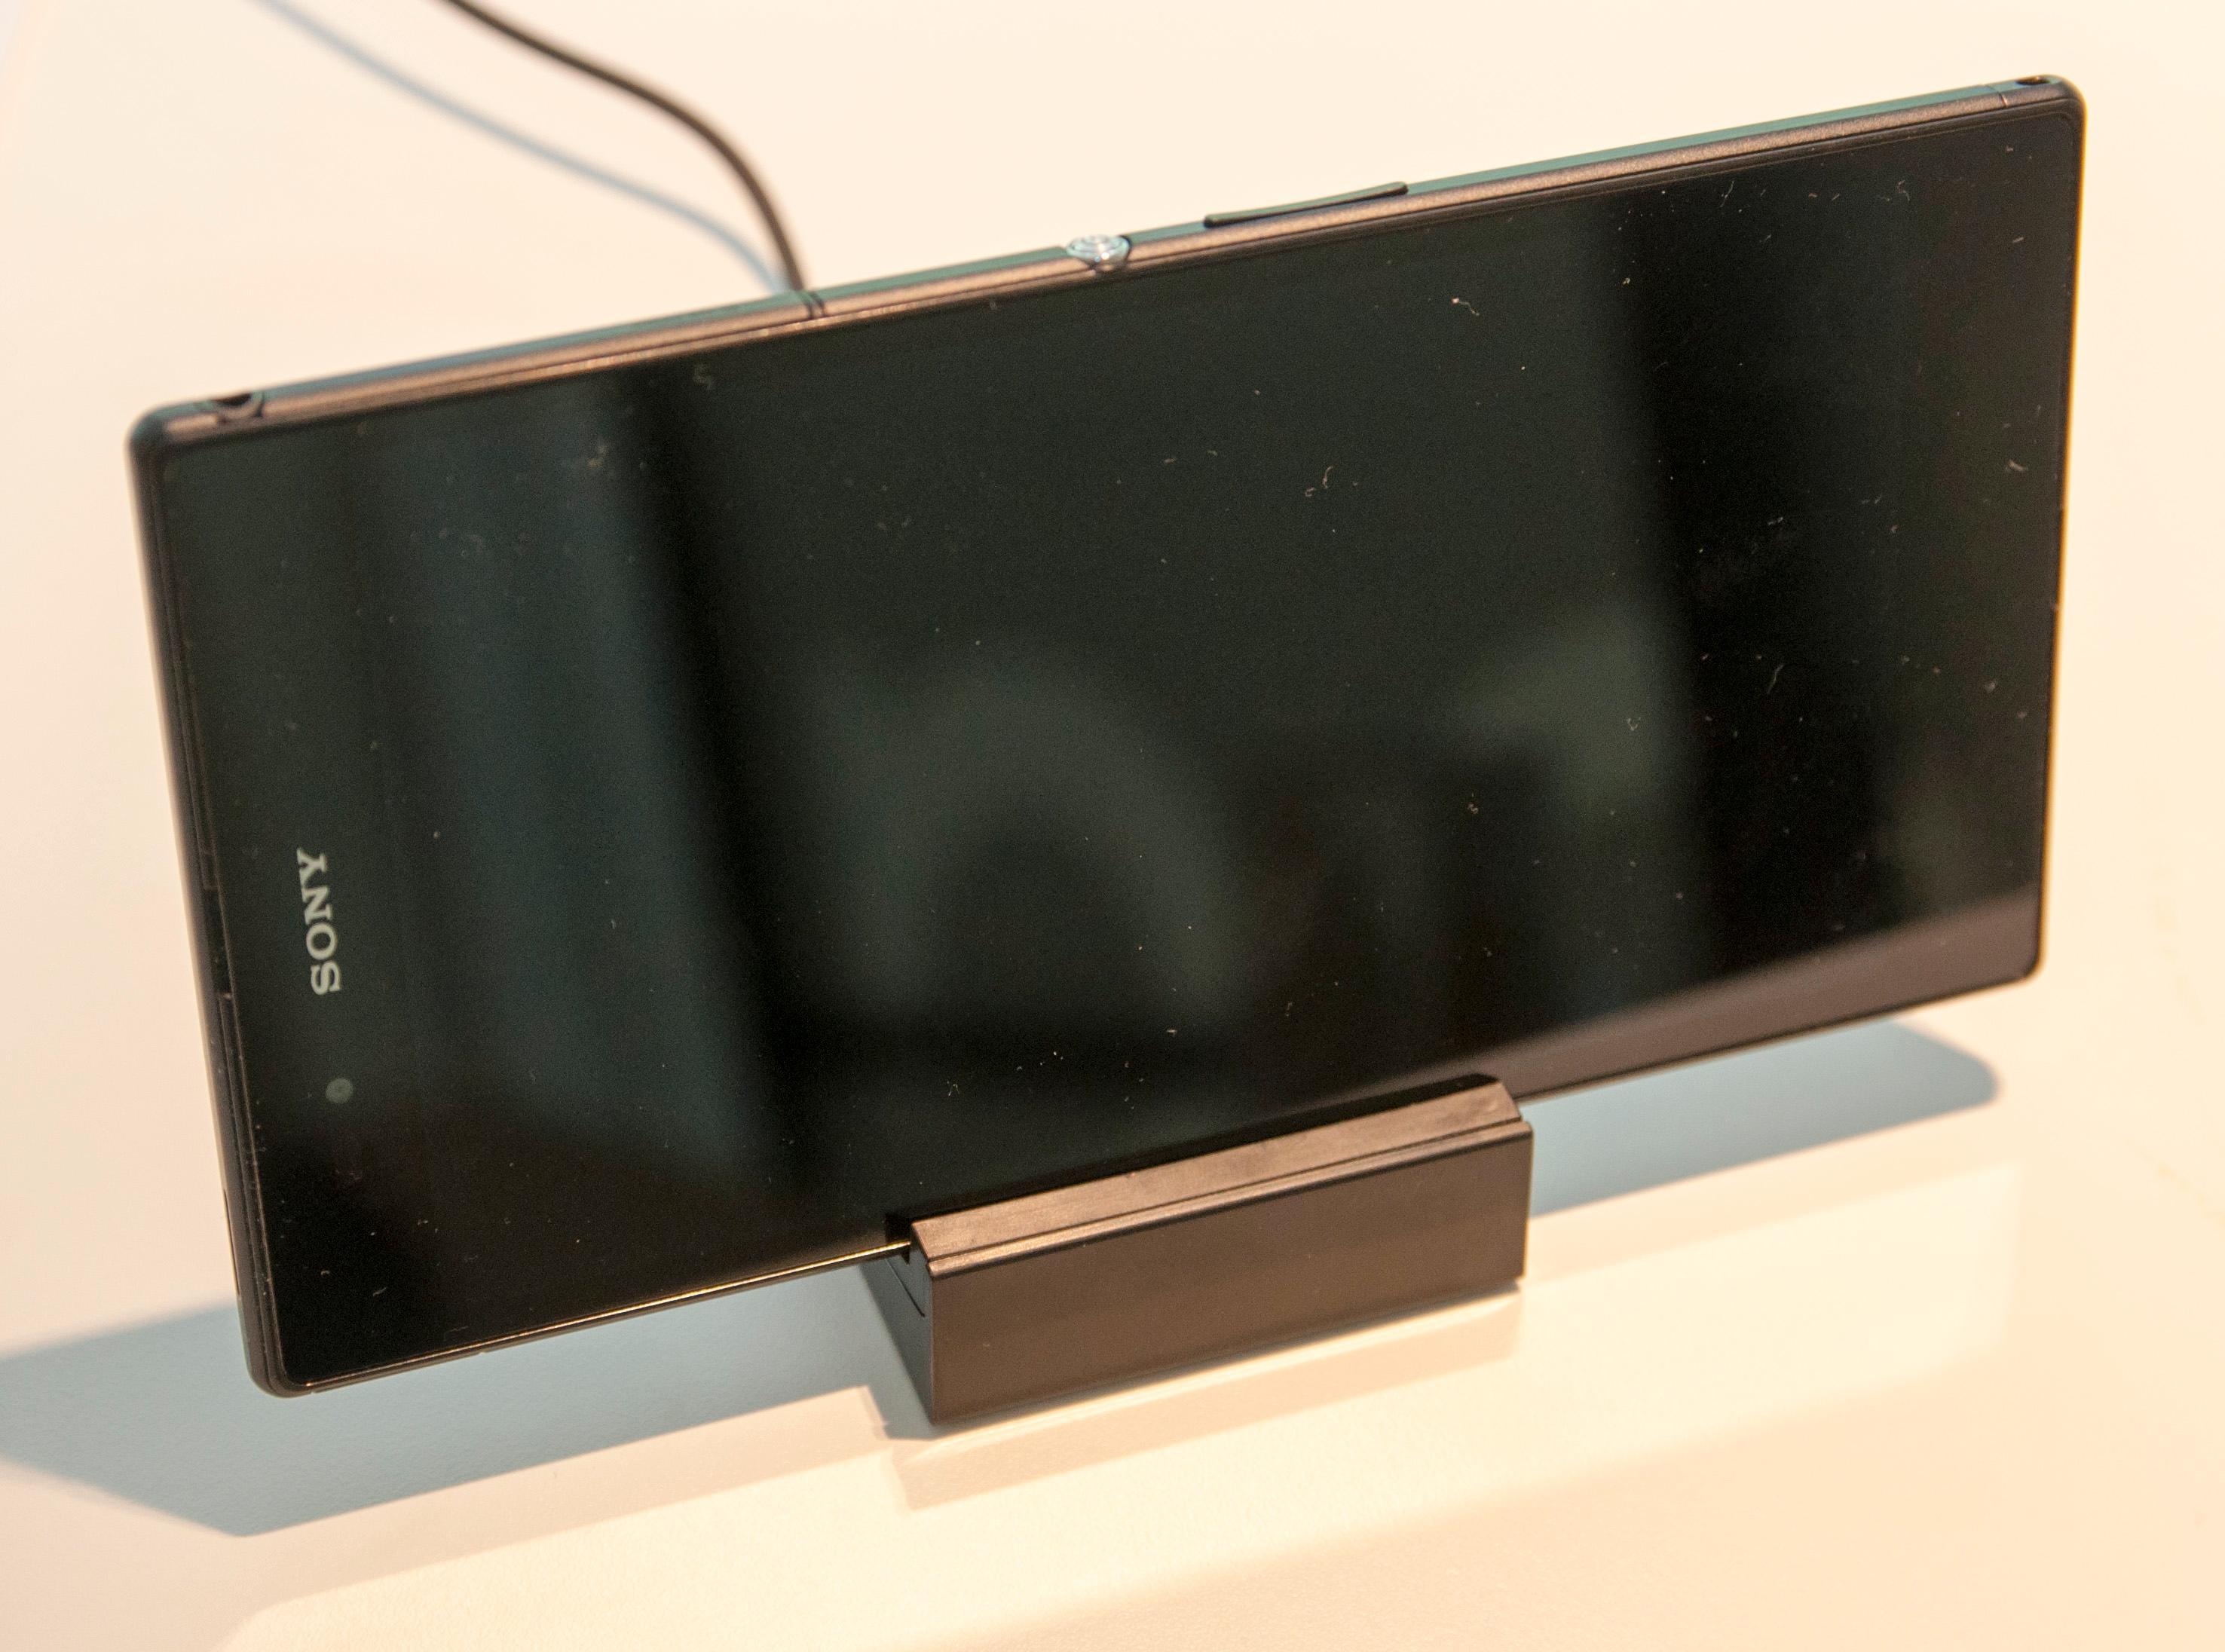 Luken over USB-kontakten er ikke så i veien som man skulle tro – det følger nemlig med en magnetisk ladekrybbe som du kan sette telefonen i. Denne ladekrybben har utskiftbare sokler, slik at den skal kunne brukes på nyere Xperia-modeller. Den vil imidlertid ikke fungere med Xperia Z og Xperia Tablet Z. Foto: Finn Jarle Kvalheim, Amobil.no